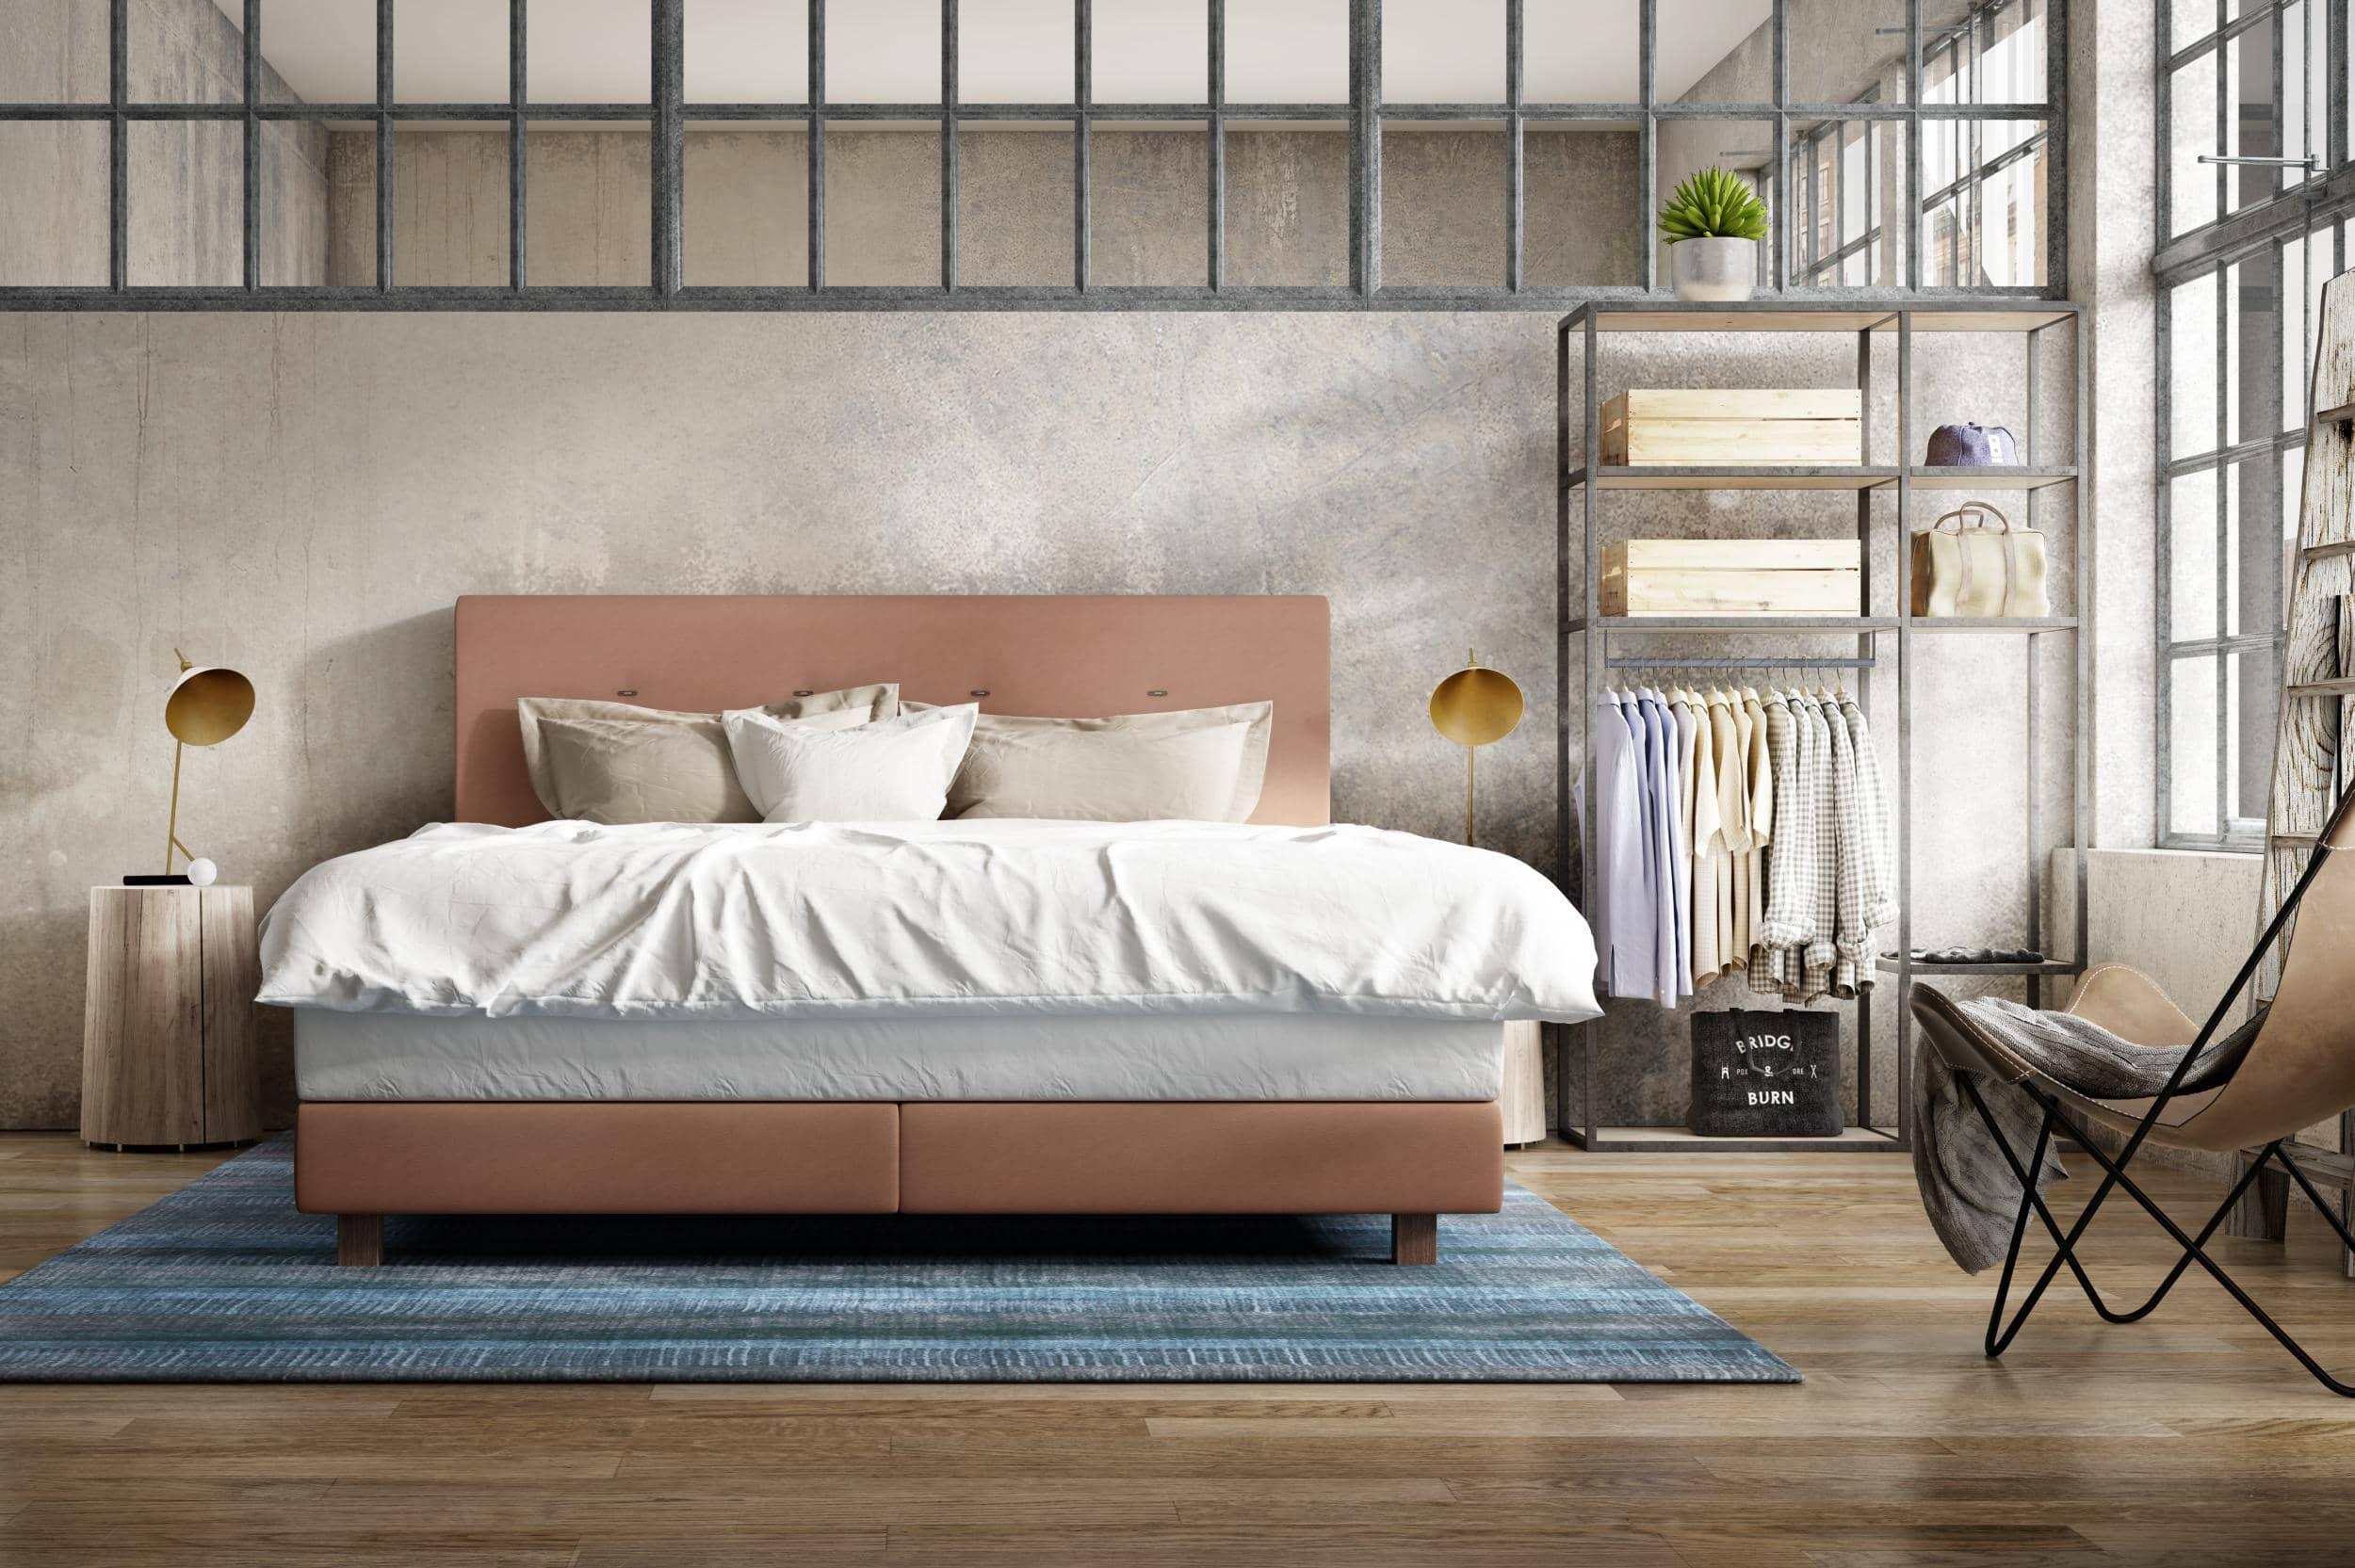 Full Size of Ausgefallene Betten Boxspringbett Elvis Industrial Schlaraffia Kaufen 140x200 Japanische Rauch 180x200 90x200 Bonprix Mannheim Für übergewichtige Bett Ausgefallene Betten